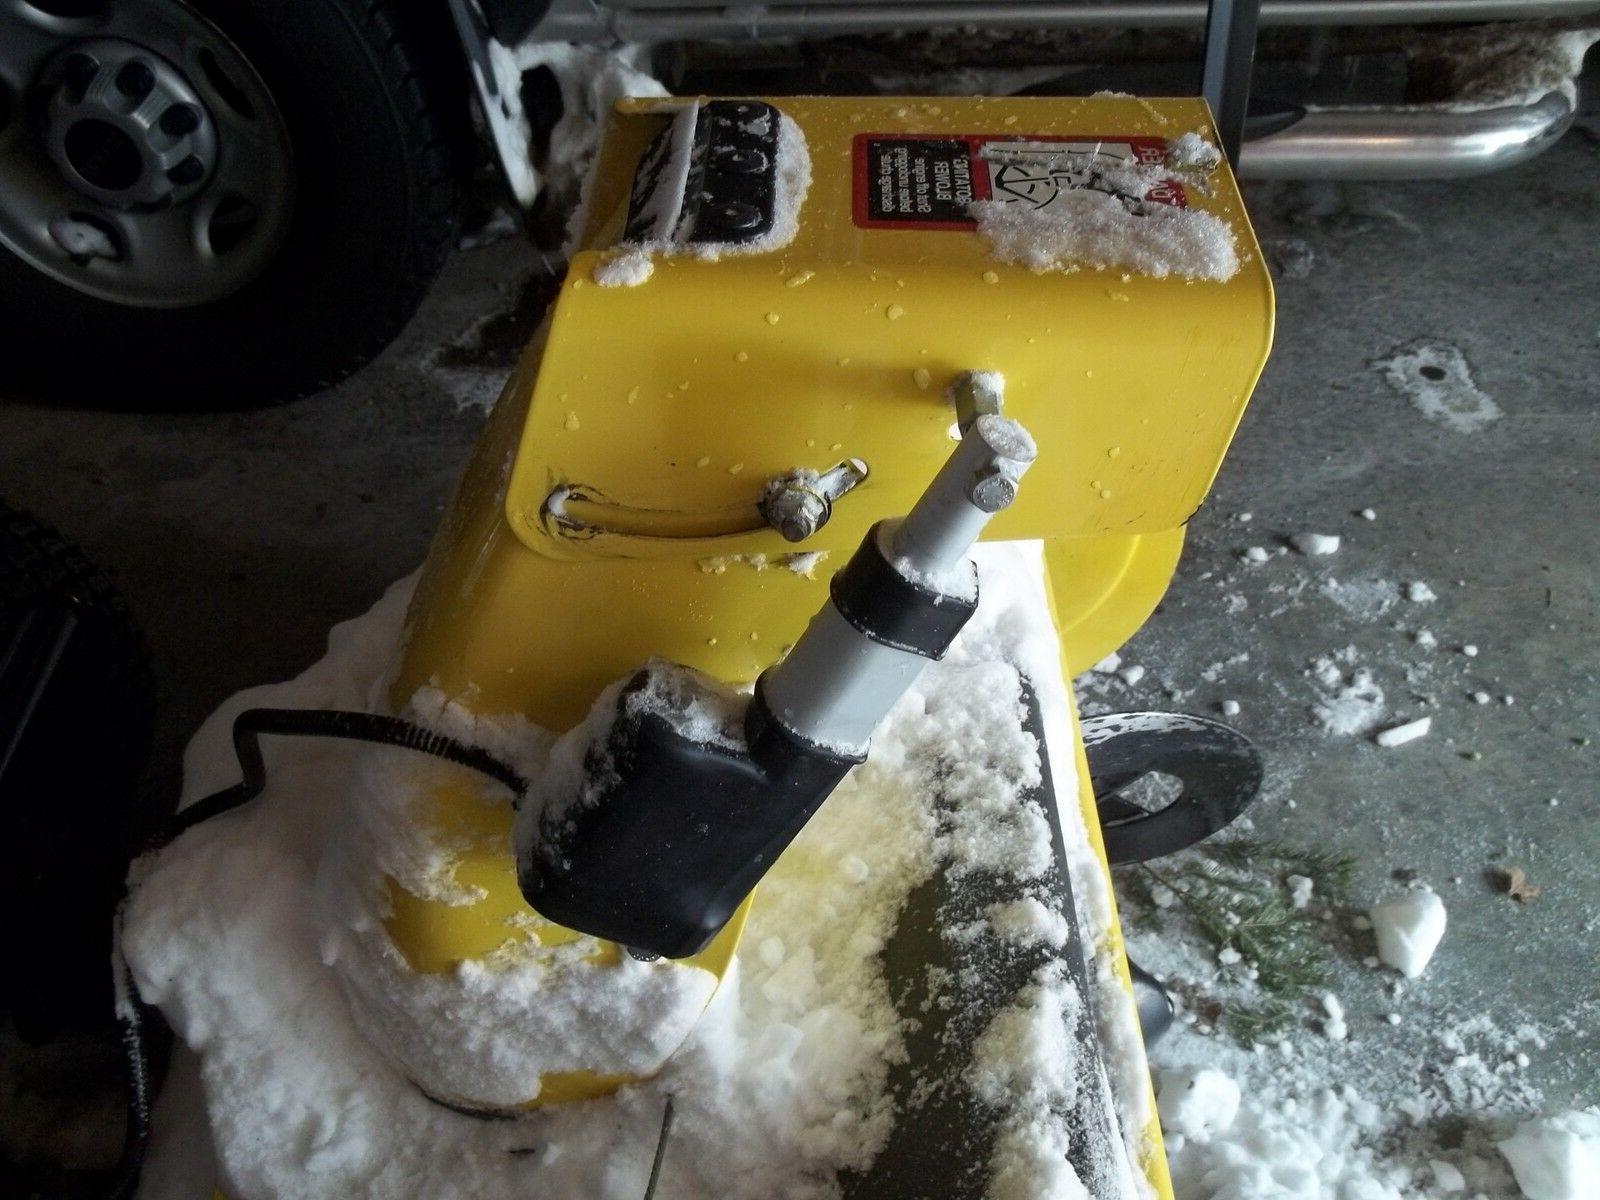 FITS JOHN HD 47 Snow blower Spout 455 445 425